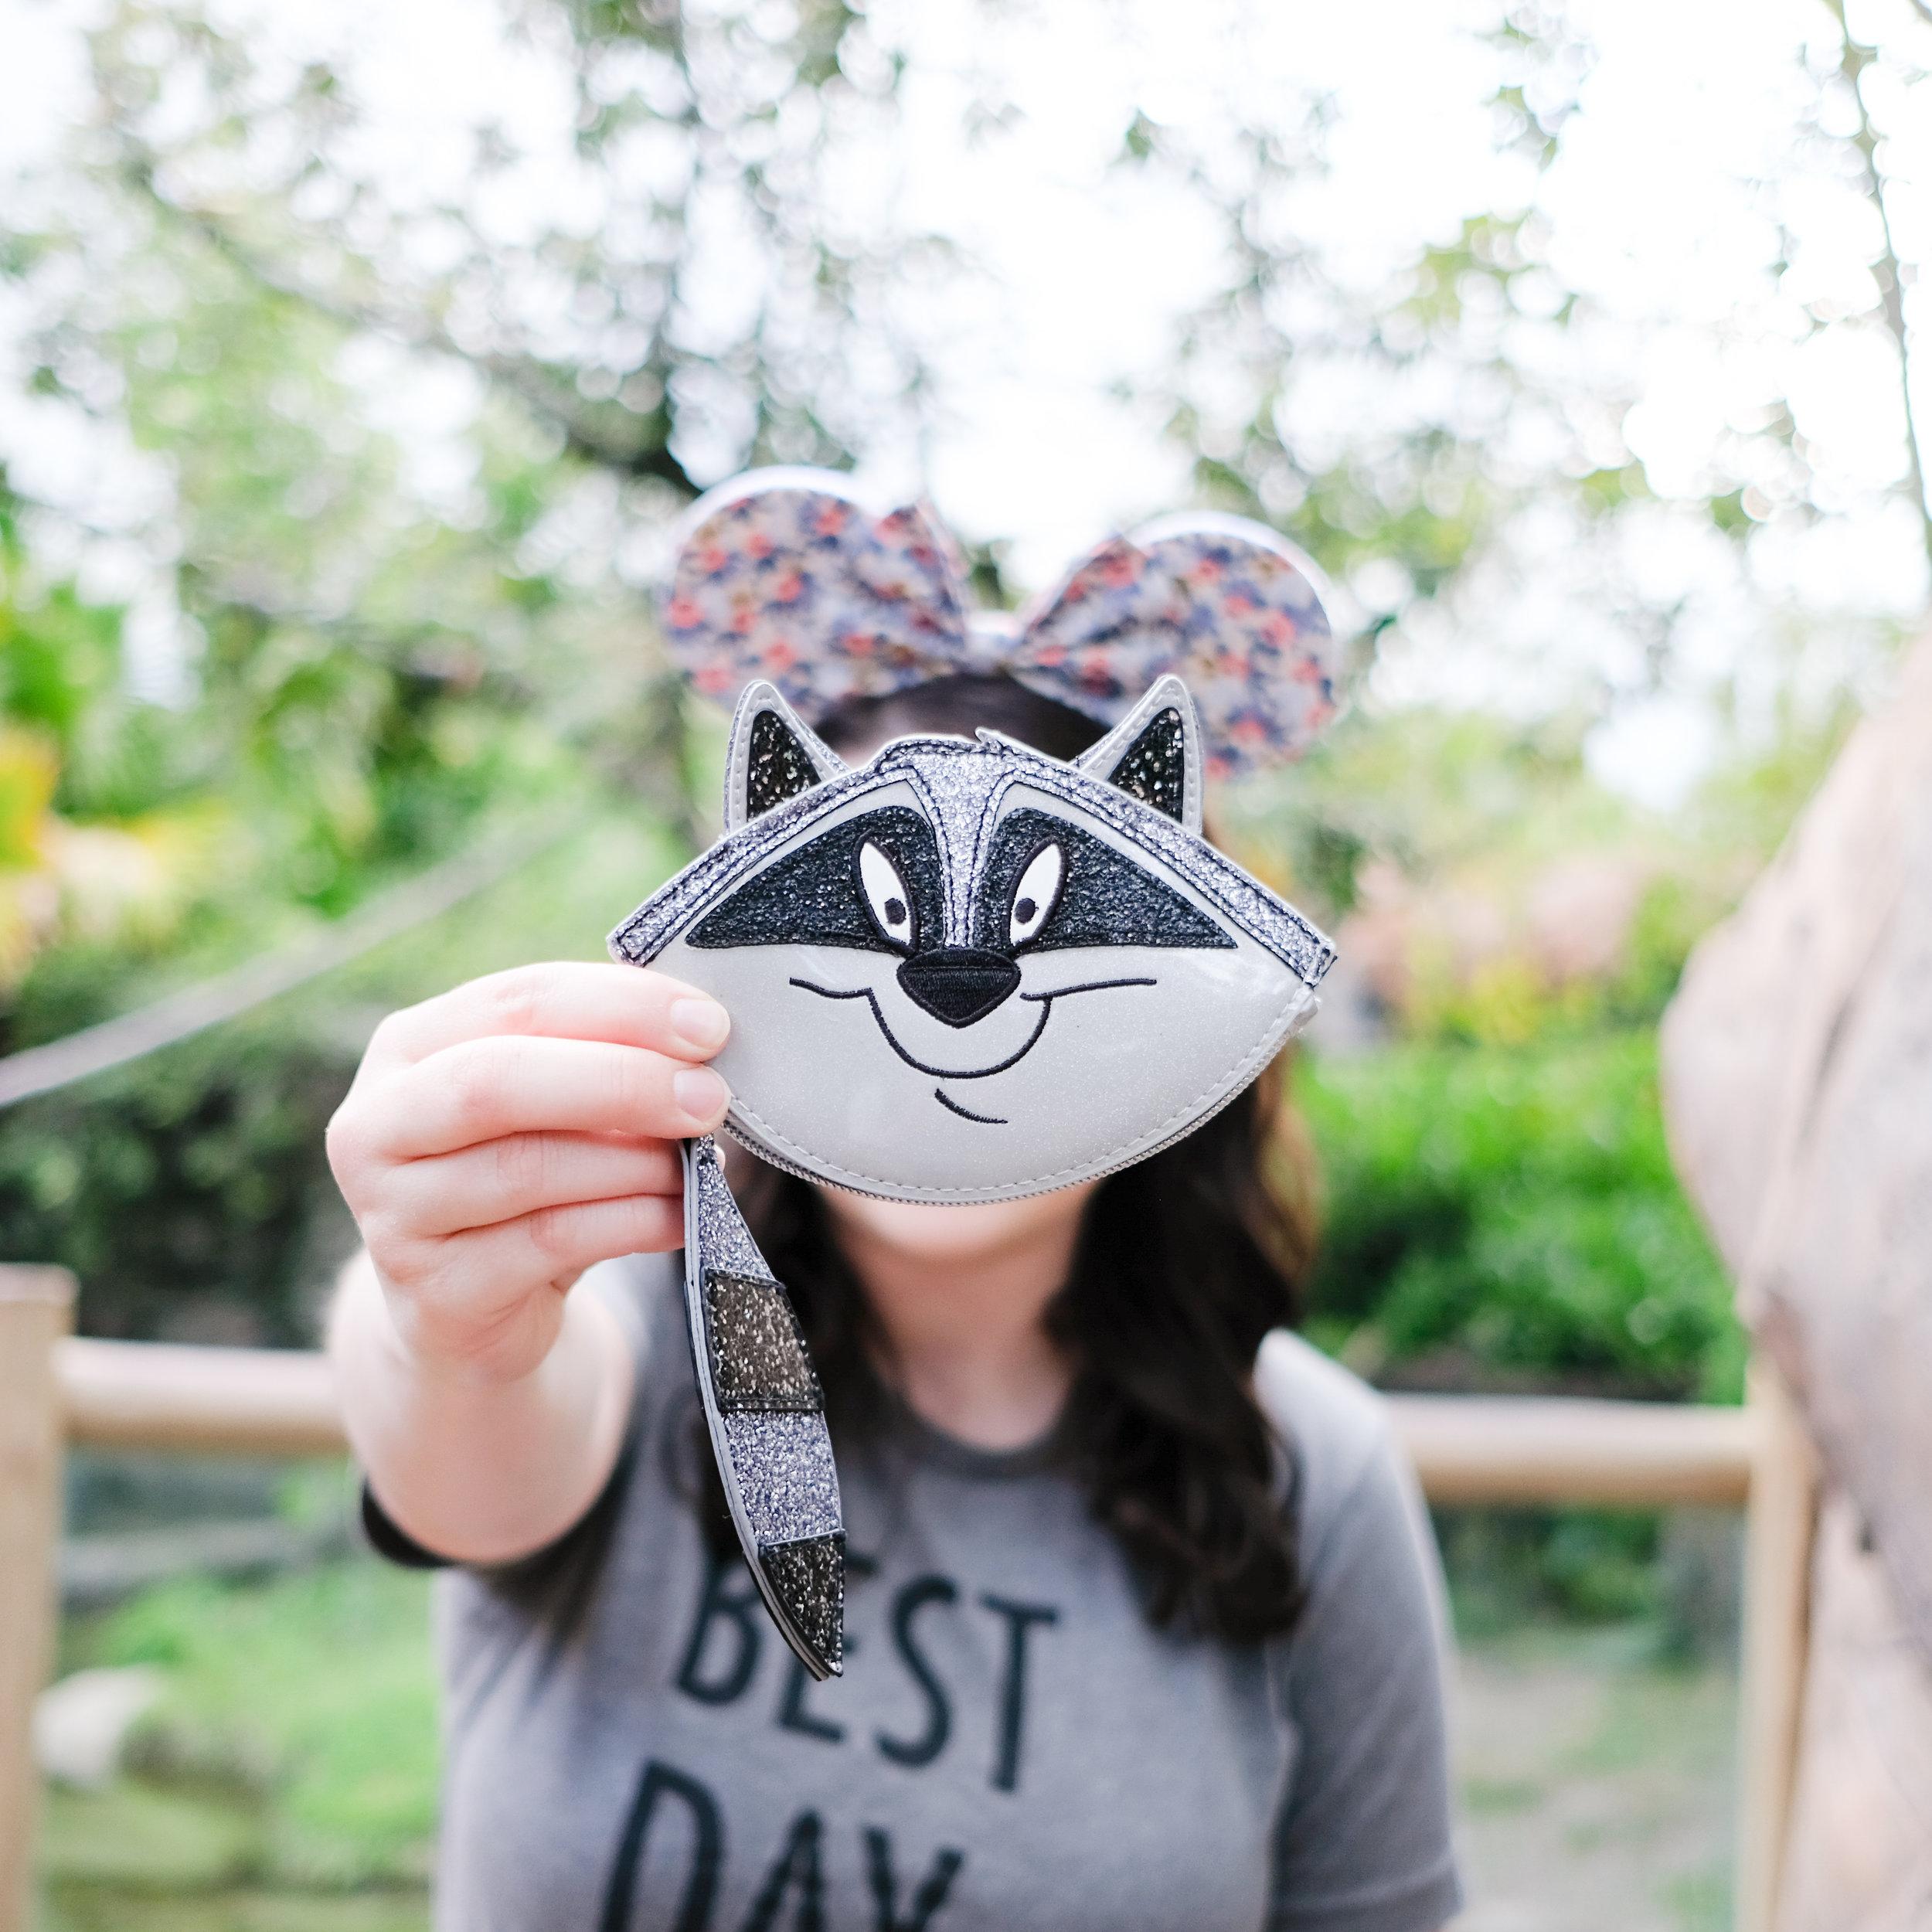 Wear to Disney's Animal Kingdom